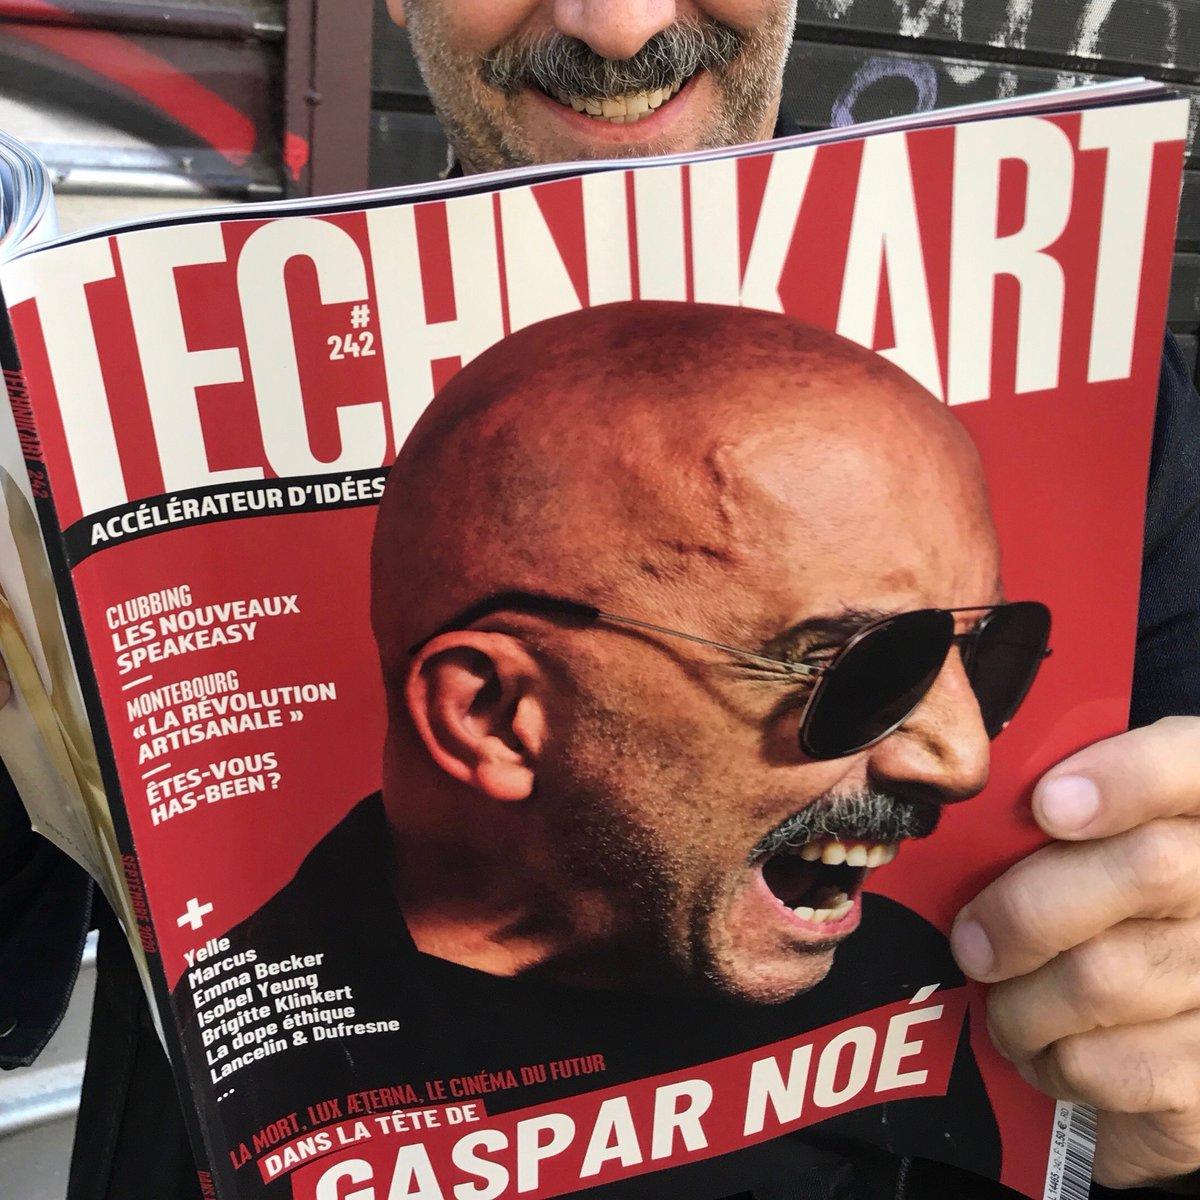 Vous avez vu le dernier numéro de @Technikartmag ?   Le dernier film de #GasparNoe, #LUXÆTERNA, tournage maudit avec Charlotte Gainsbourg et Béatrice Dalle c'est le 23 septembre au cinéma ! 🚨💥 https://t.co/c60C0lsXNb